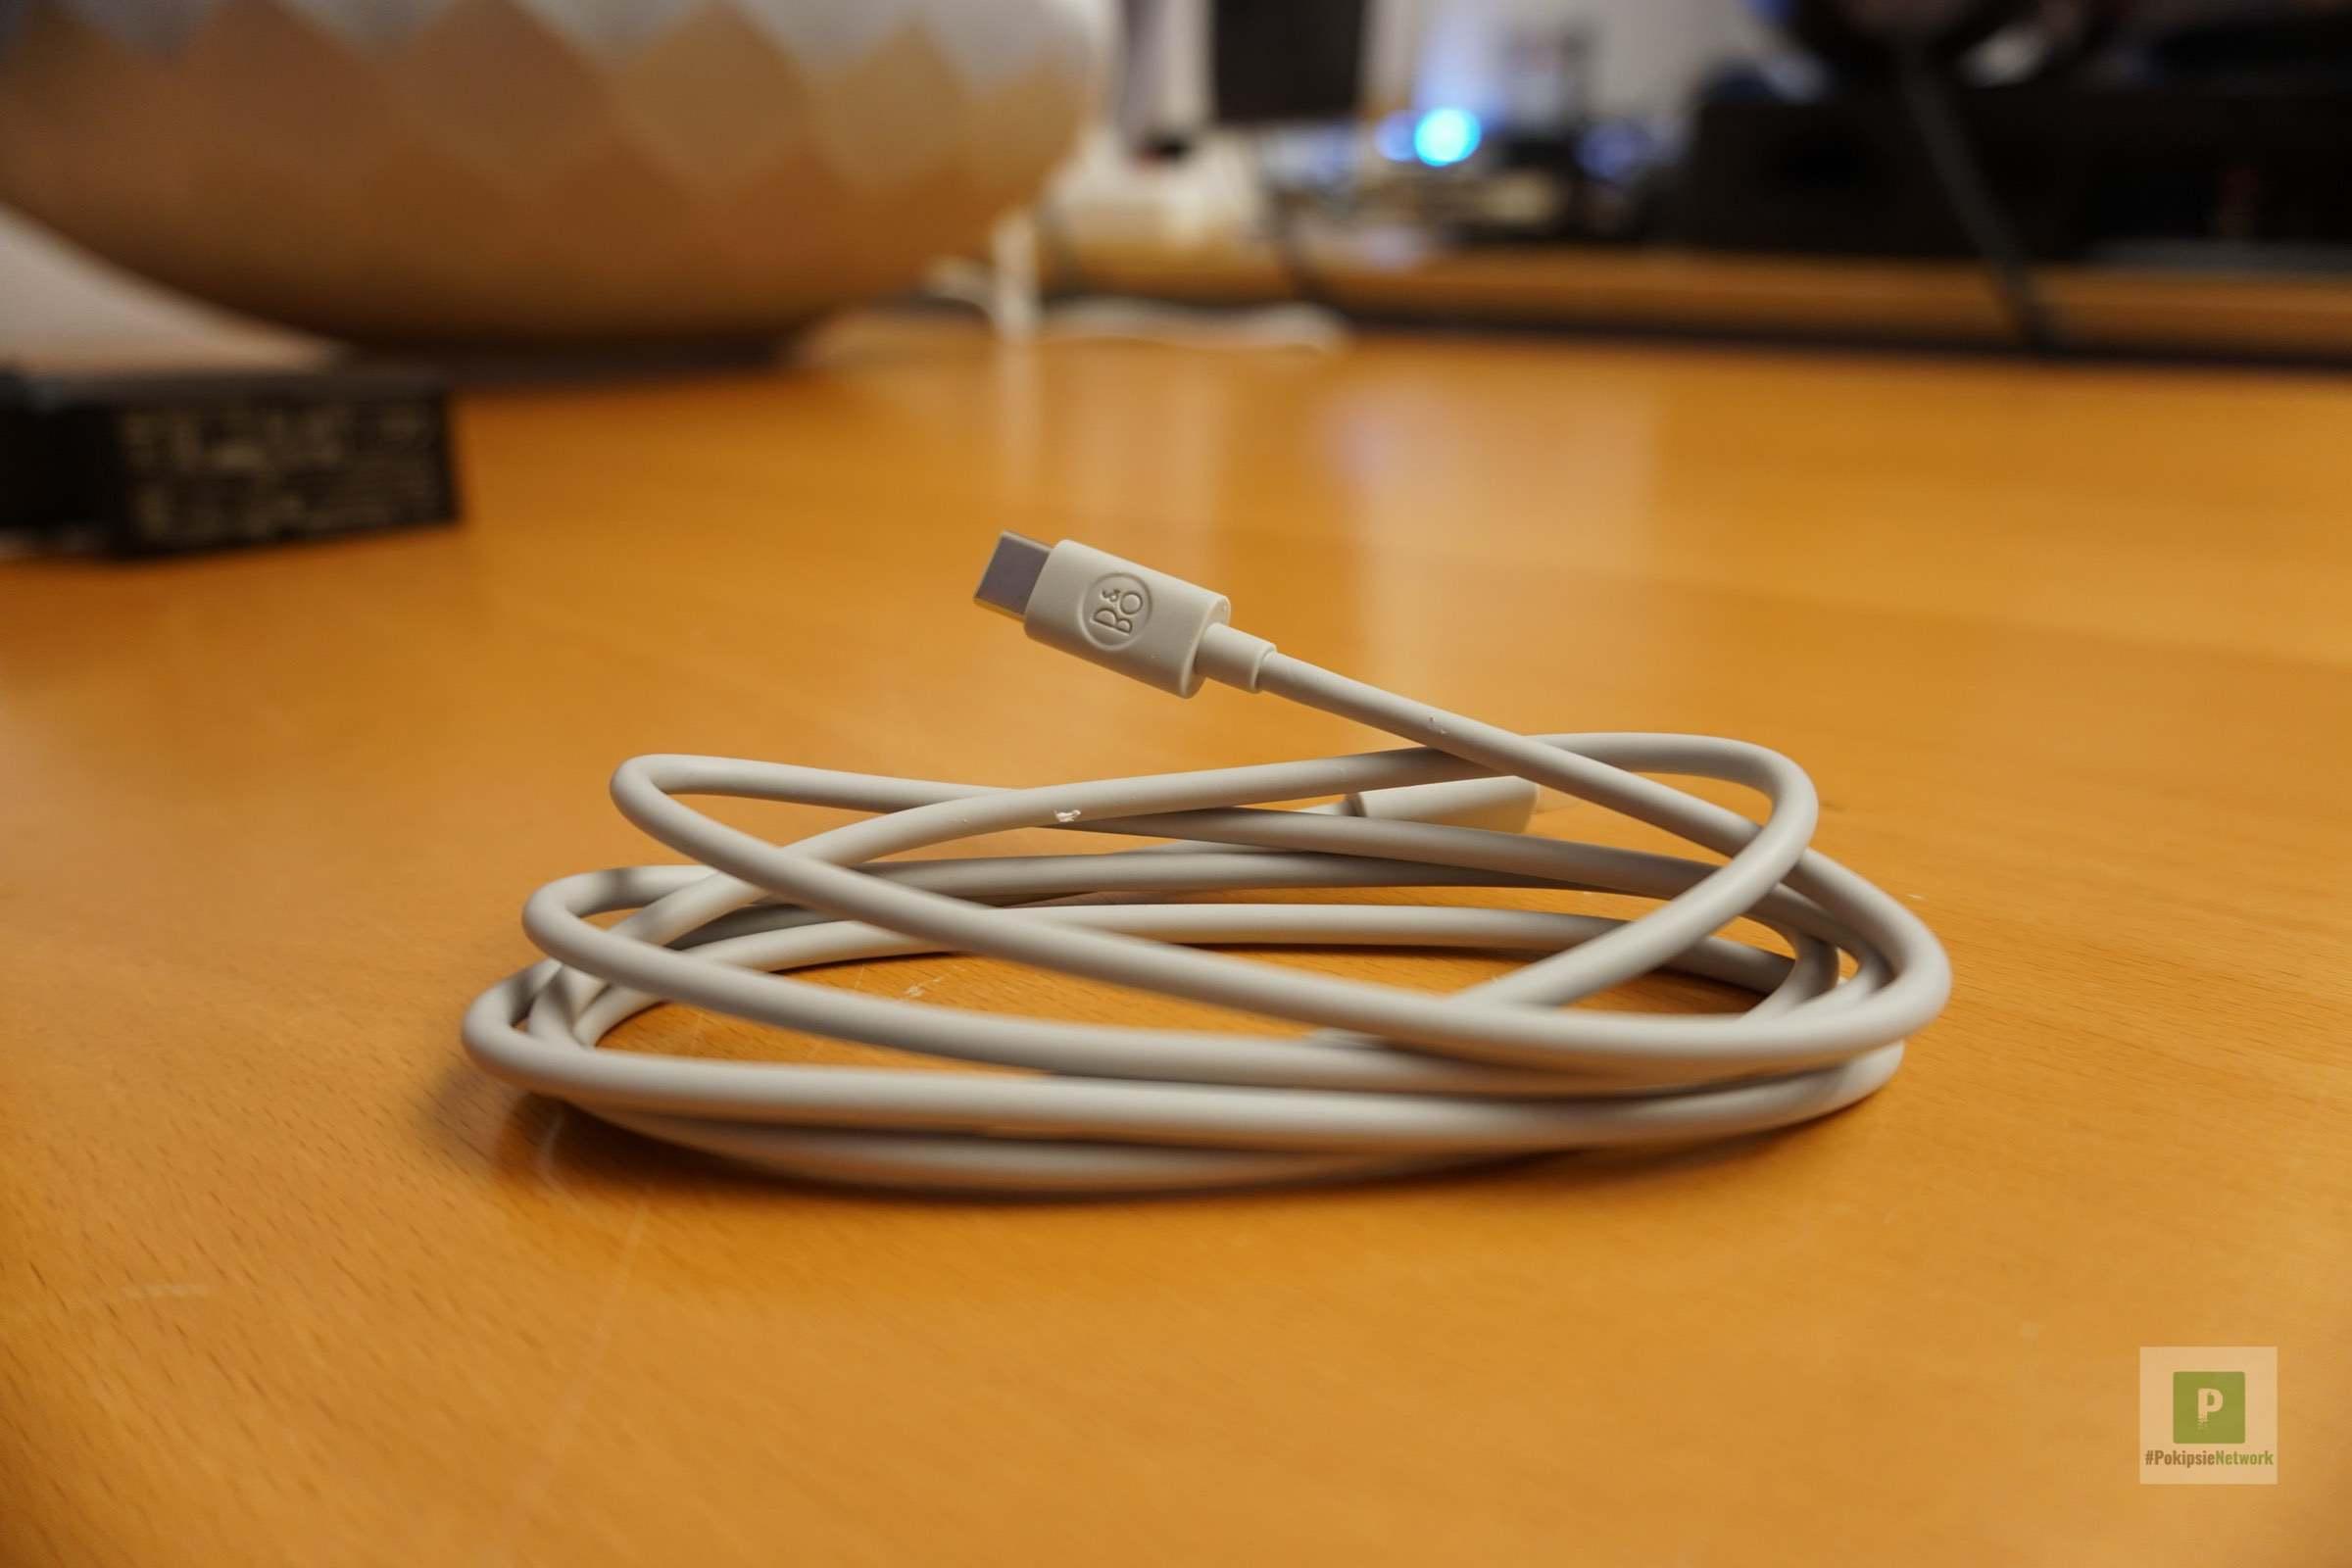 Logo auf dem USB-C Kabel integriert